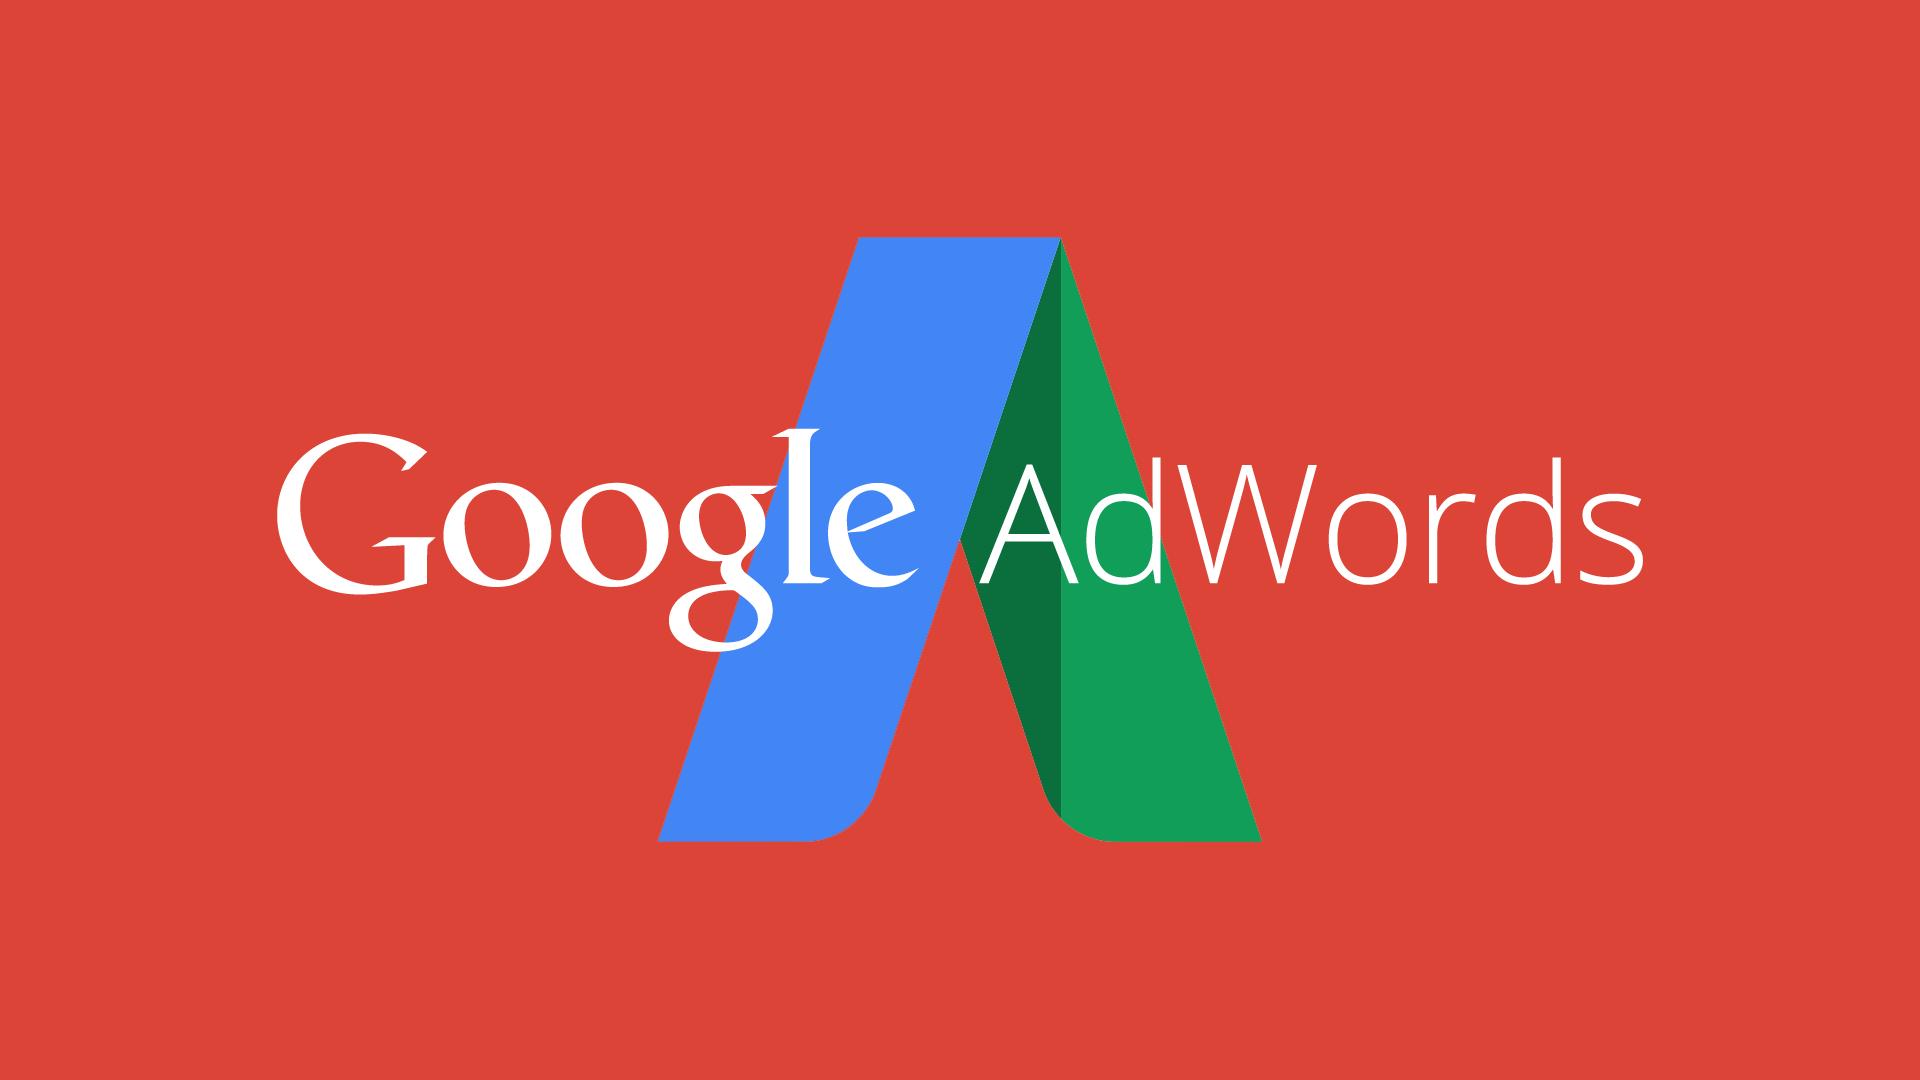 Google Adwords için Banner ve Video Reklam Tasarımı ile ilgili incelikleri öğrenin